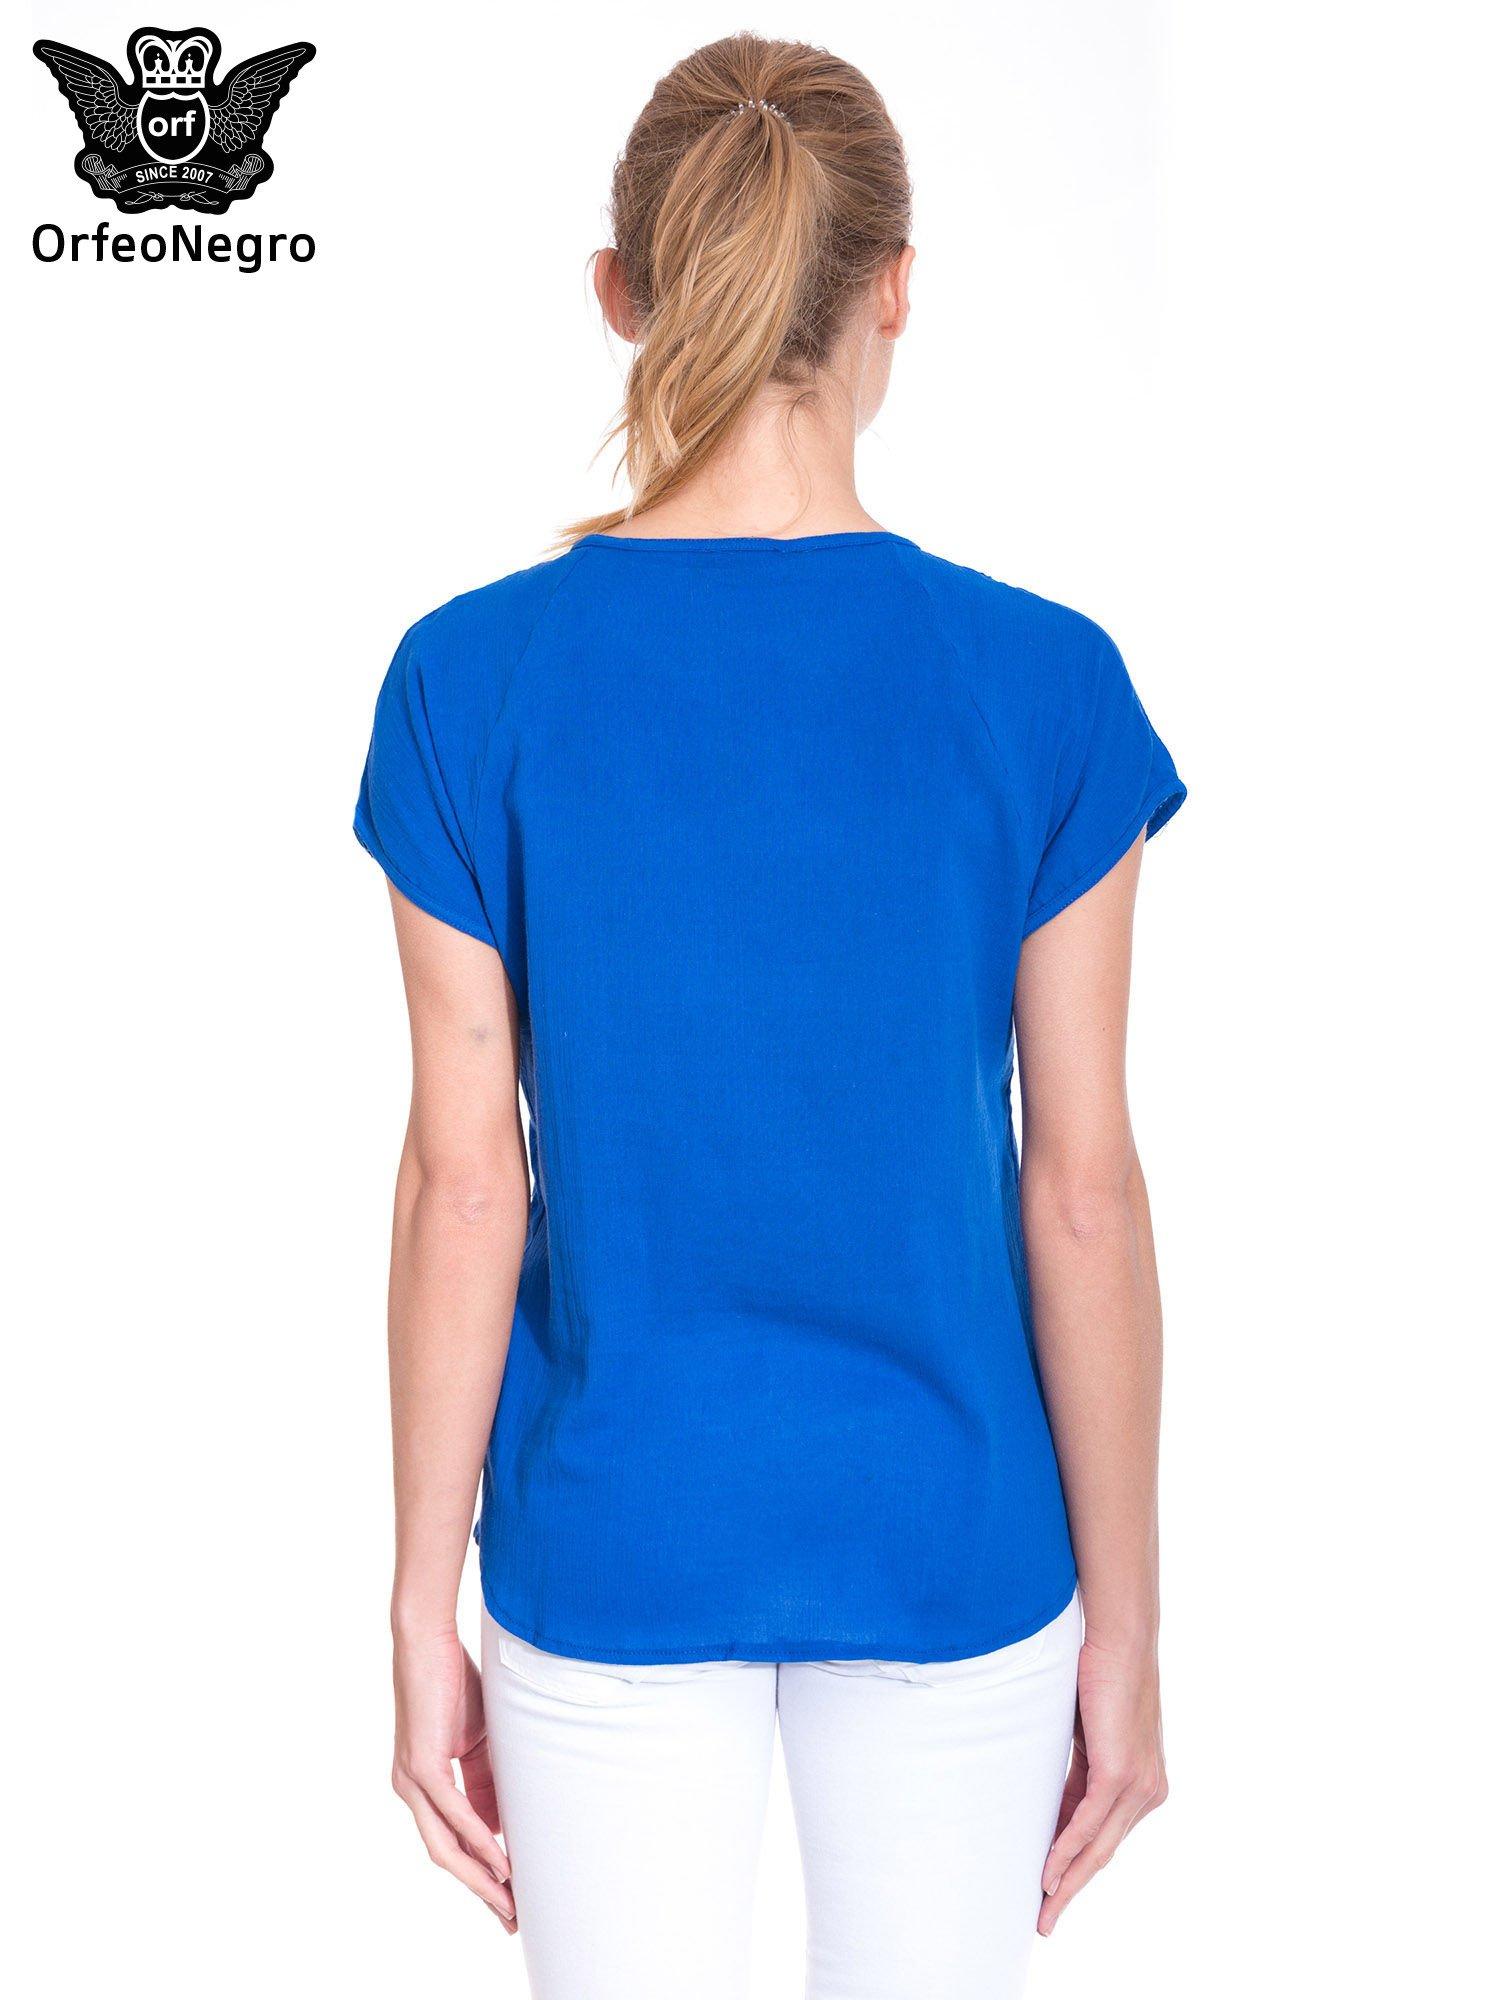 Niebieska bluzka koszulowa z haftem i ażurowaniem przy dekolcie                                  zdj.                                  4